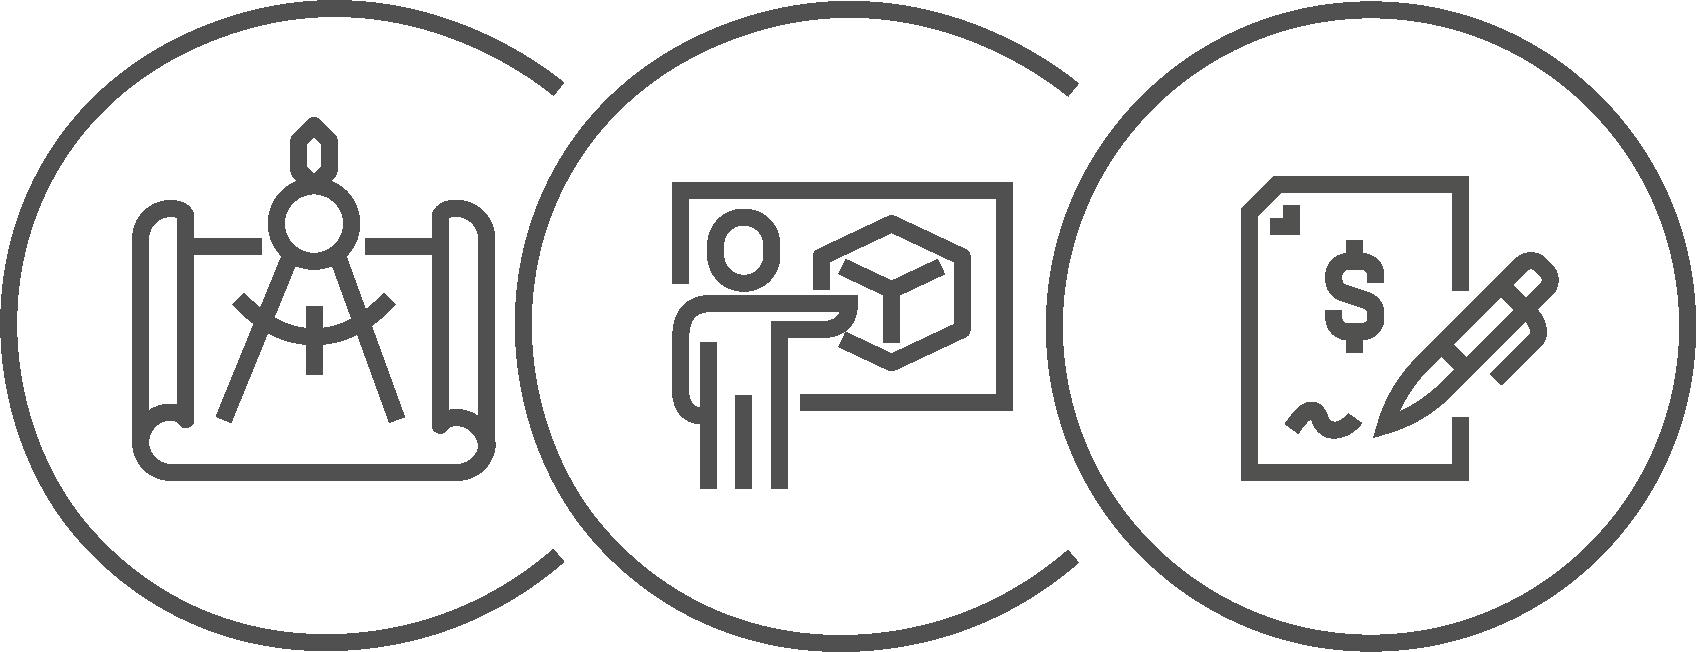 Icons zu Planung, Visualierung und Kostenabschätzung